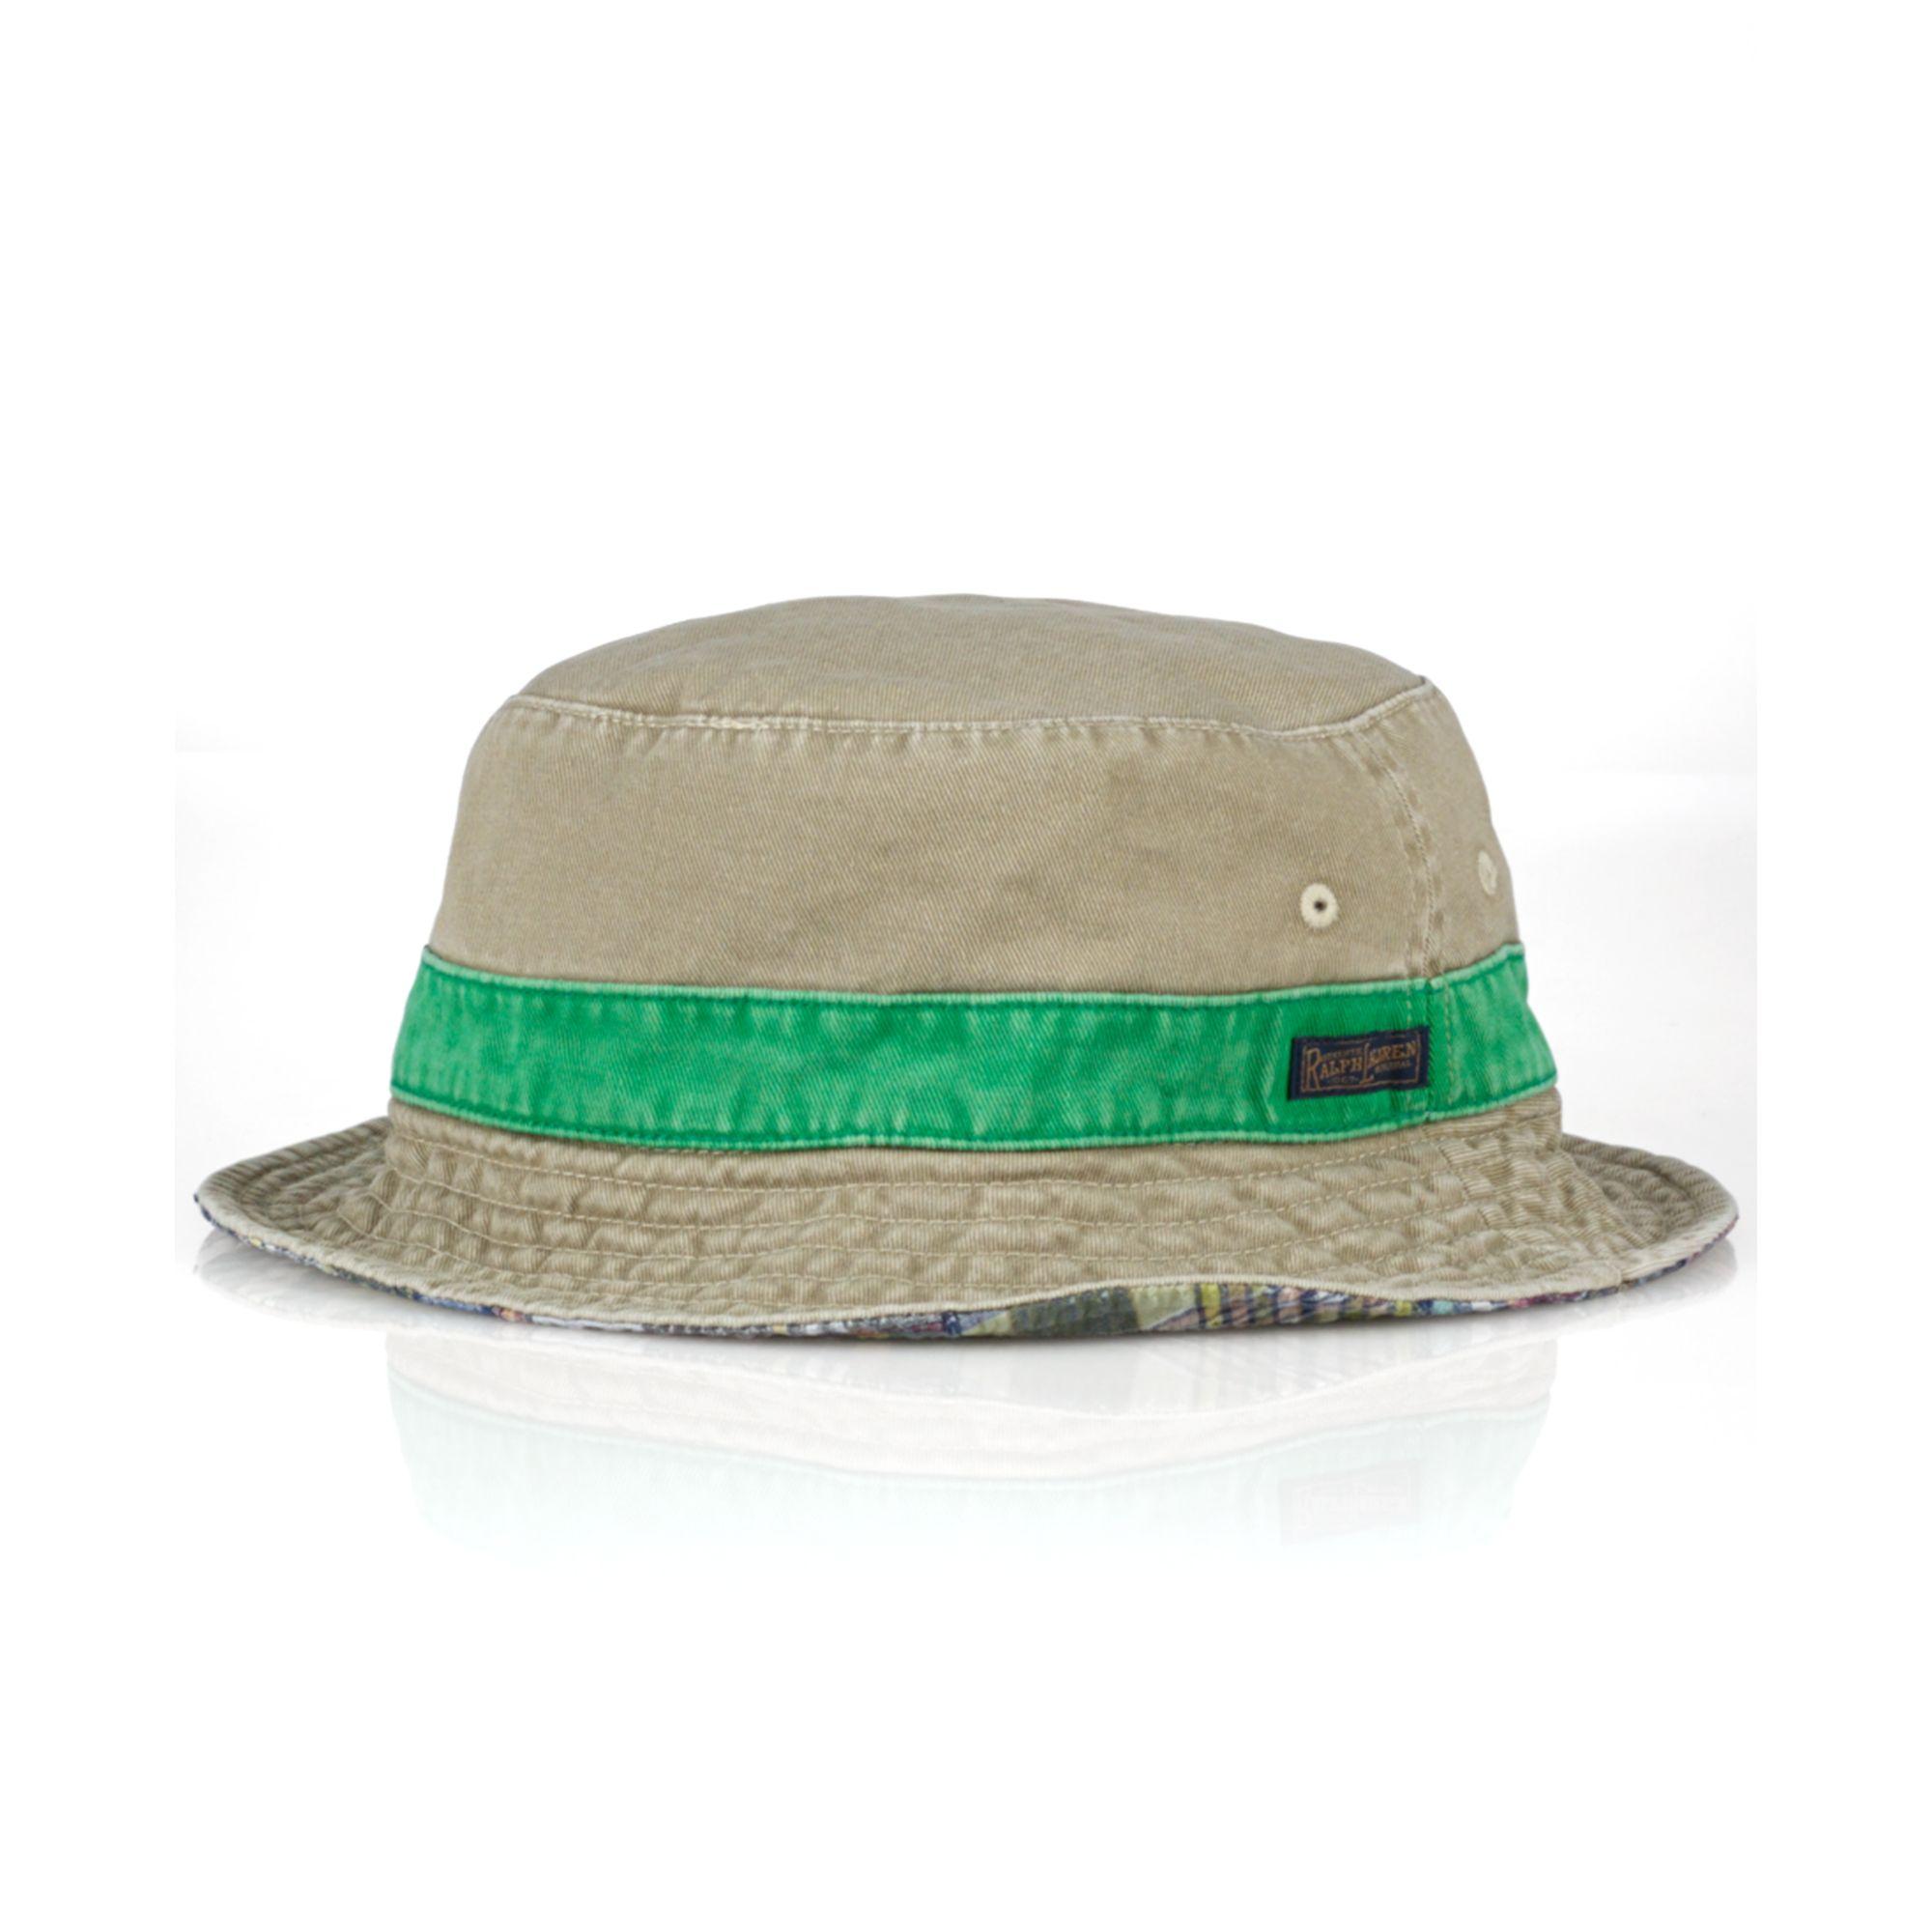 78258cff522 Gallery. Previously sold at  Macy s · Men s Bucket Hats Men s Wide Brim Hats  Men s Ralph Lauren ...